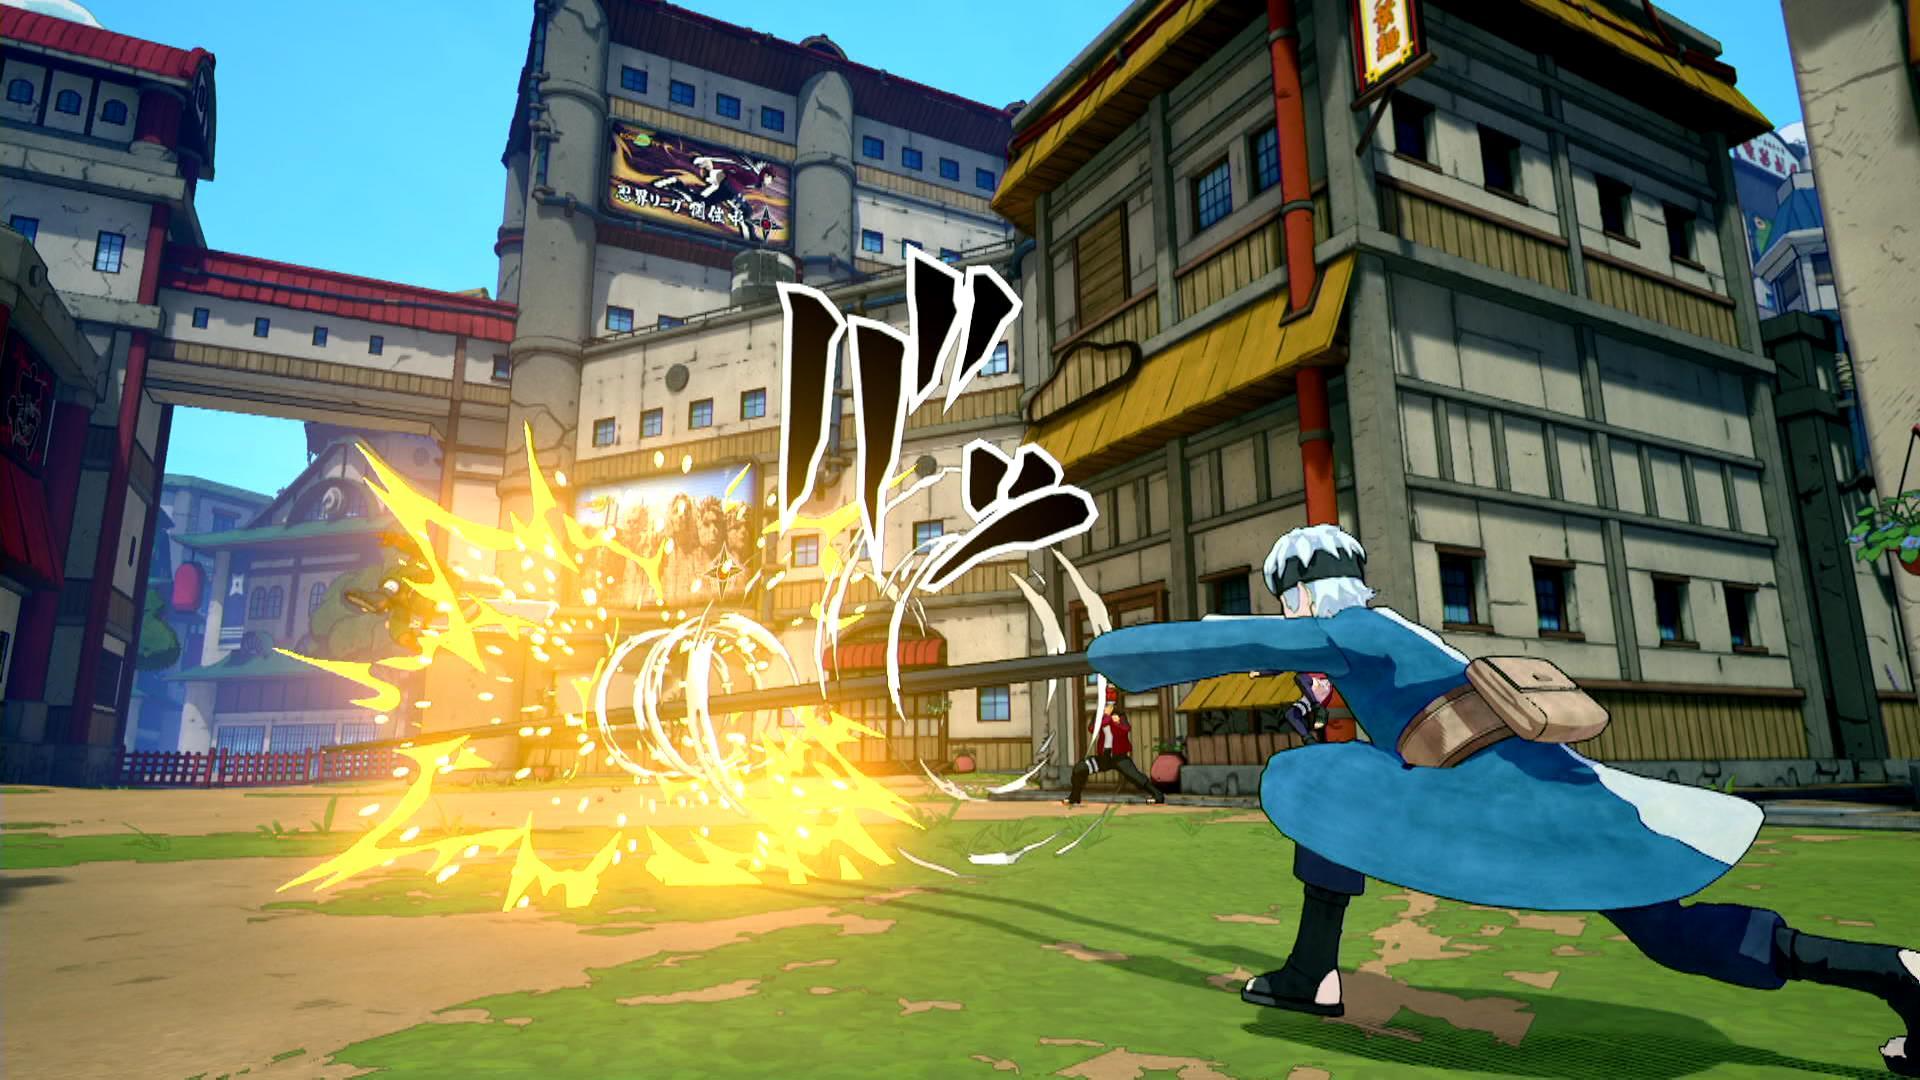 Naruto to Boruto: Shinobi Striker Gets Another Beta